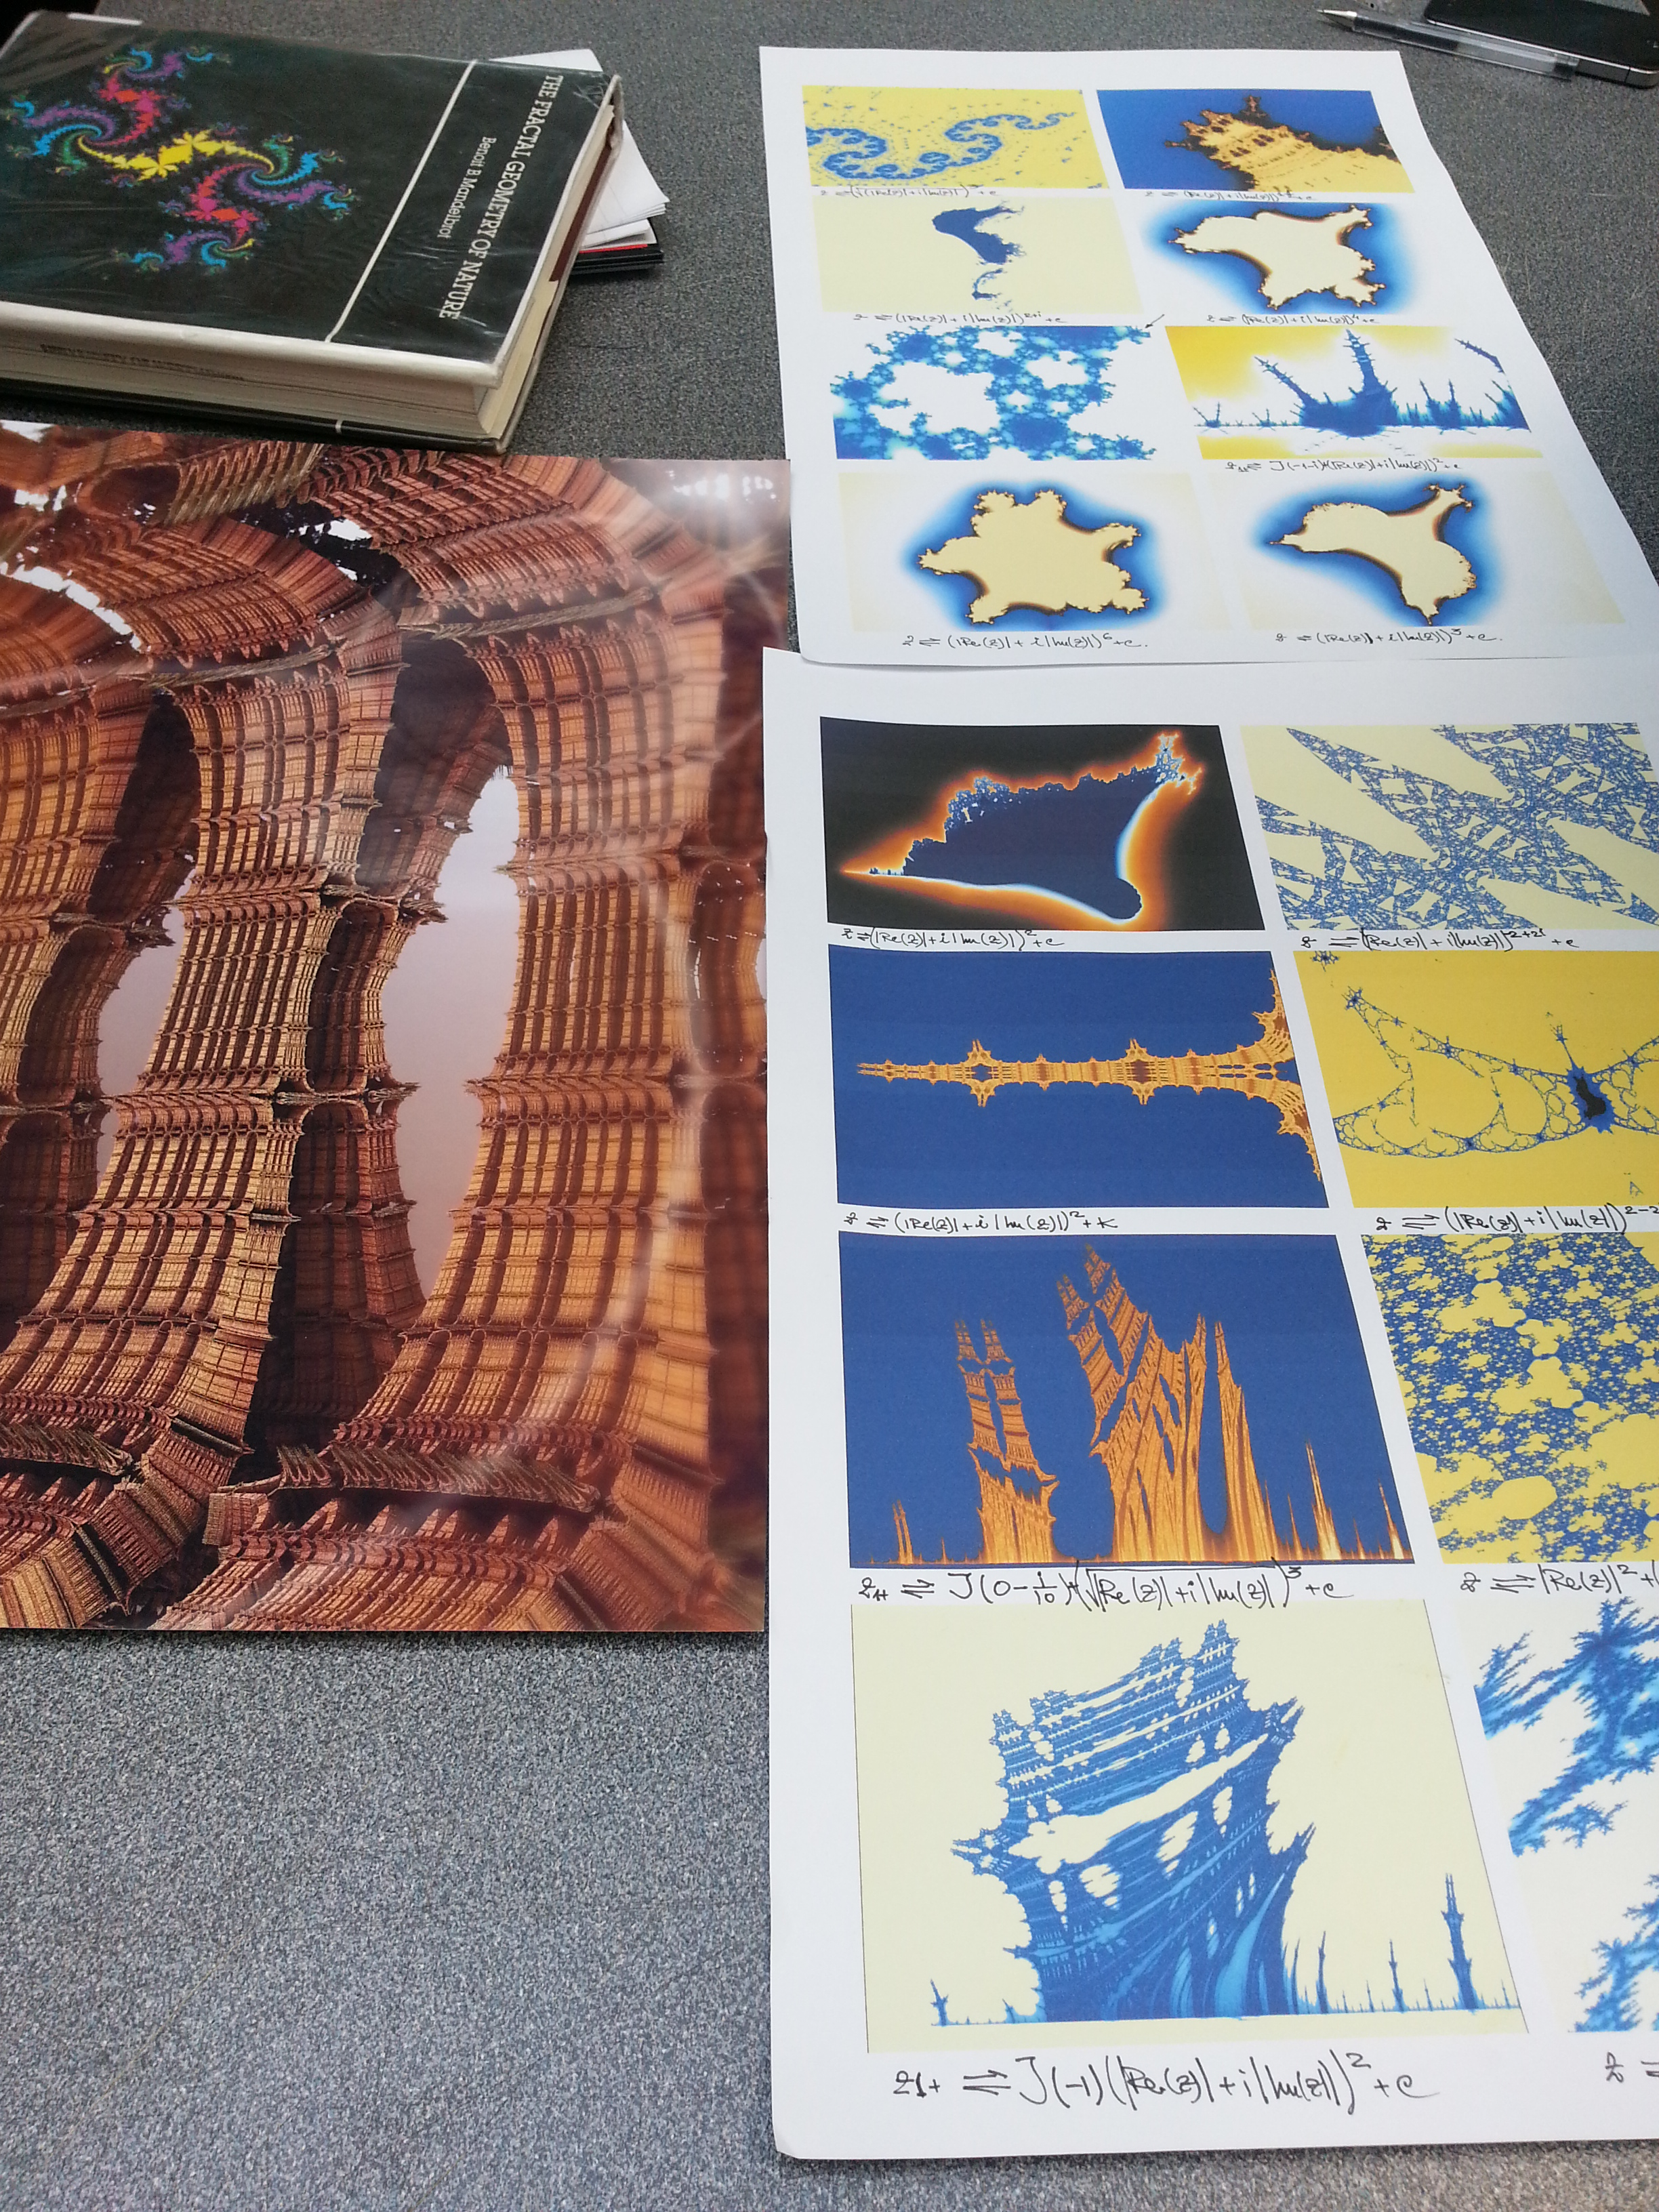 Andrei Jippa's fractals